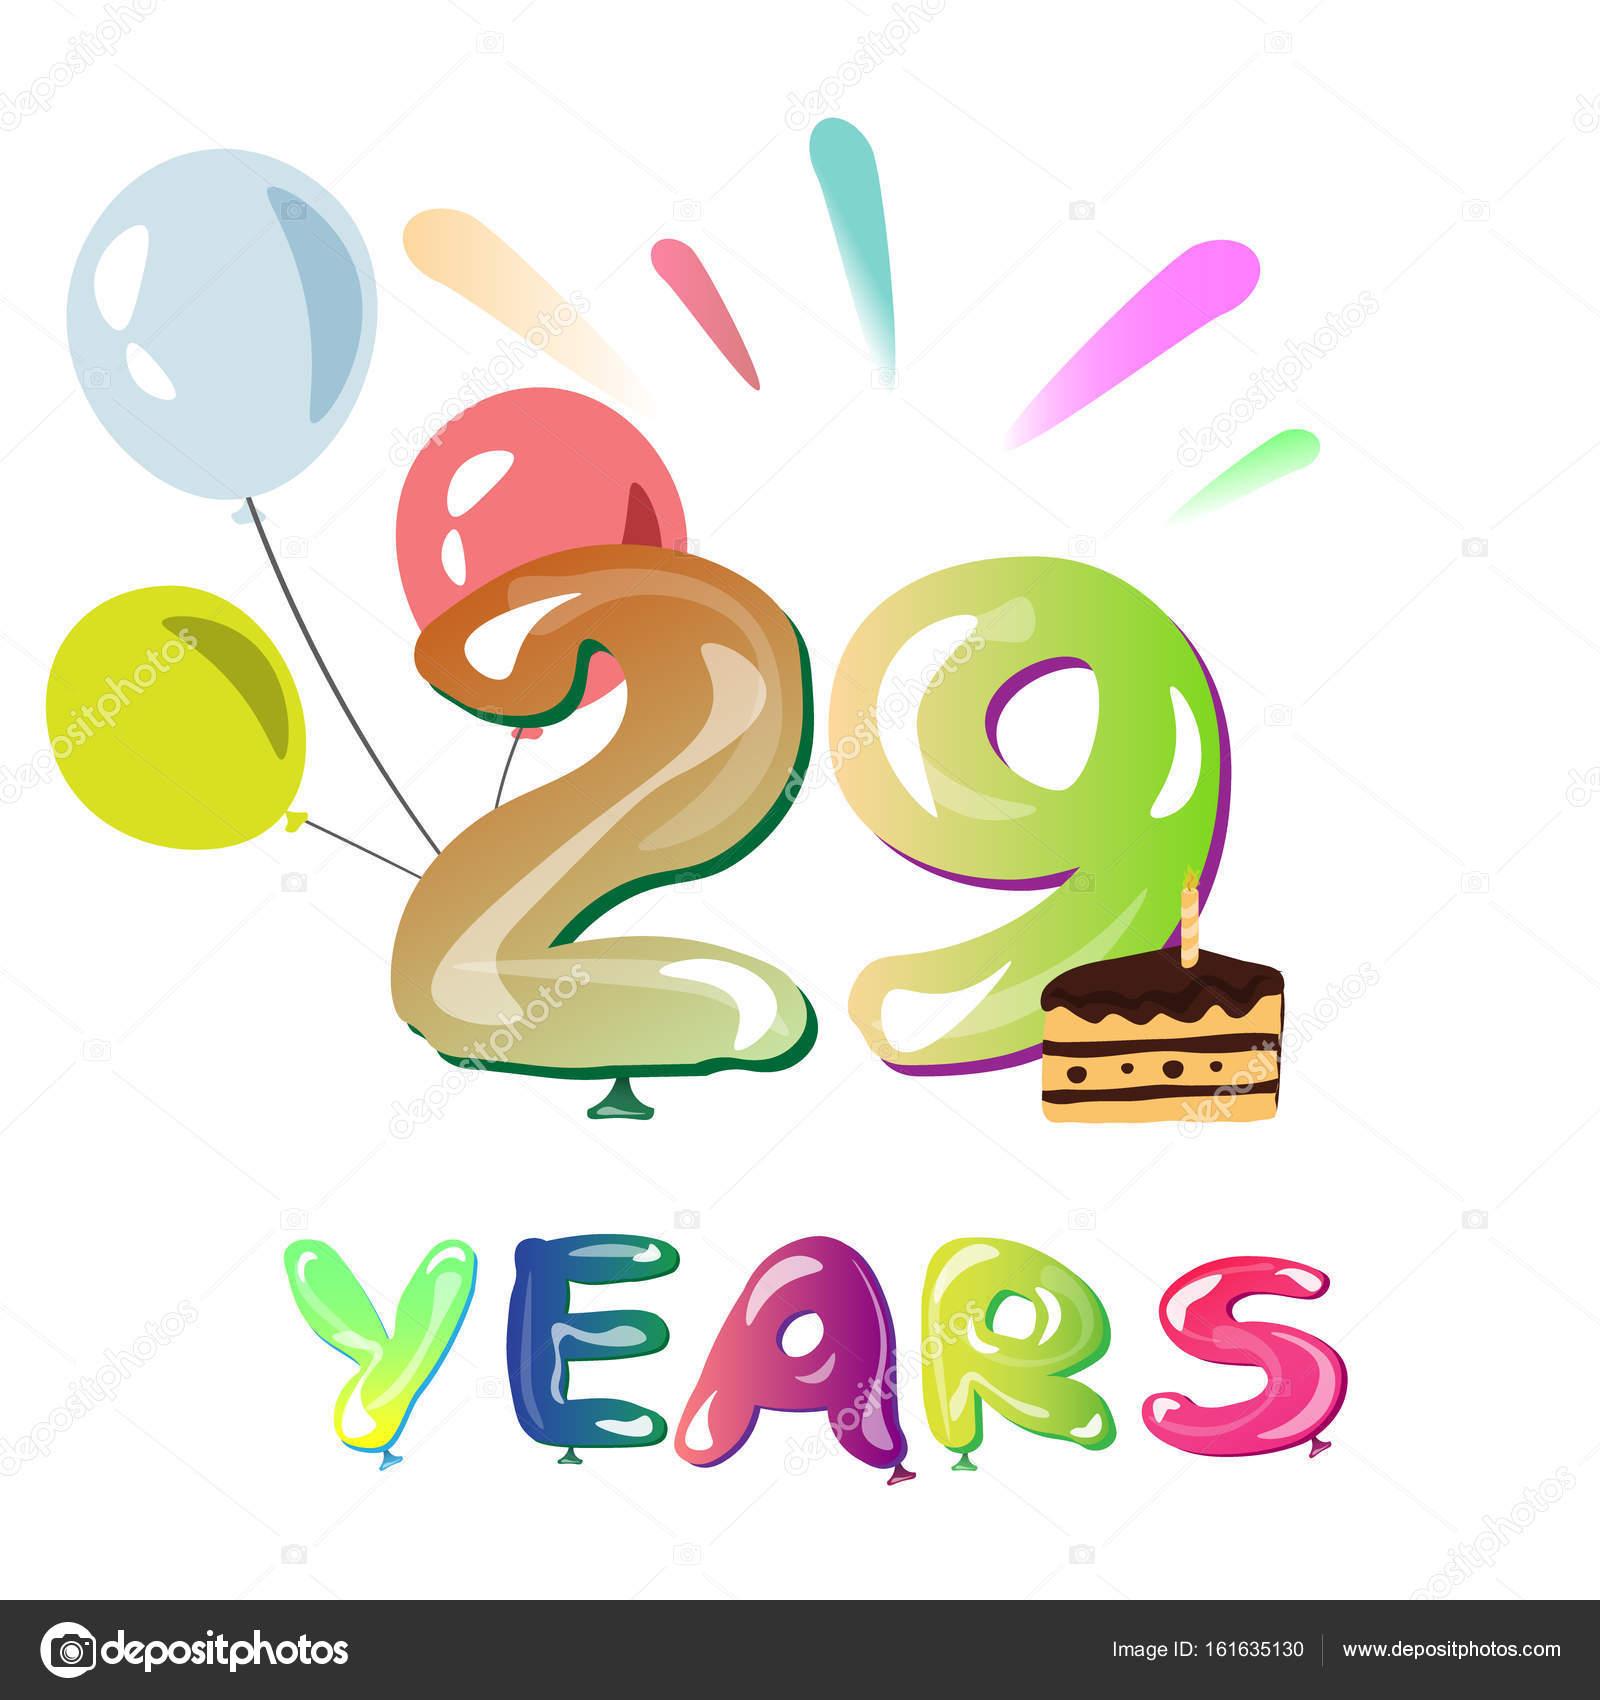 29 jaar verjaardag Gelukkige verjaardag 29 jaar — Stockvector © sasha_zerg #161635130 29 jaar verjaardag